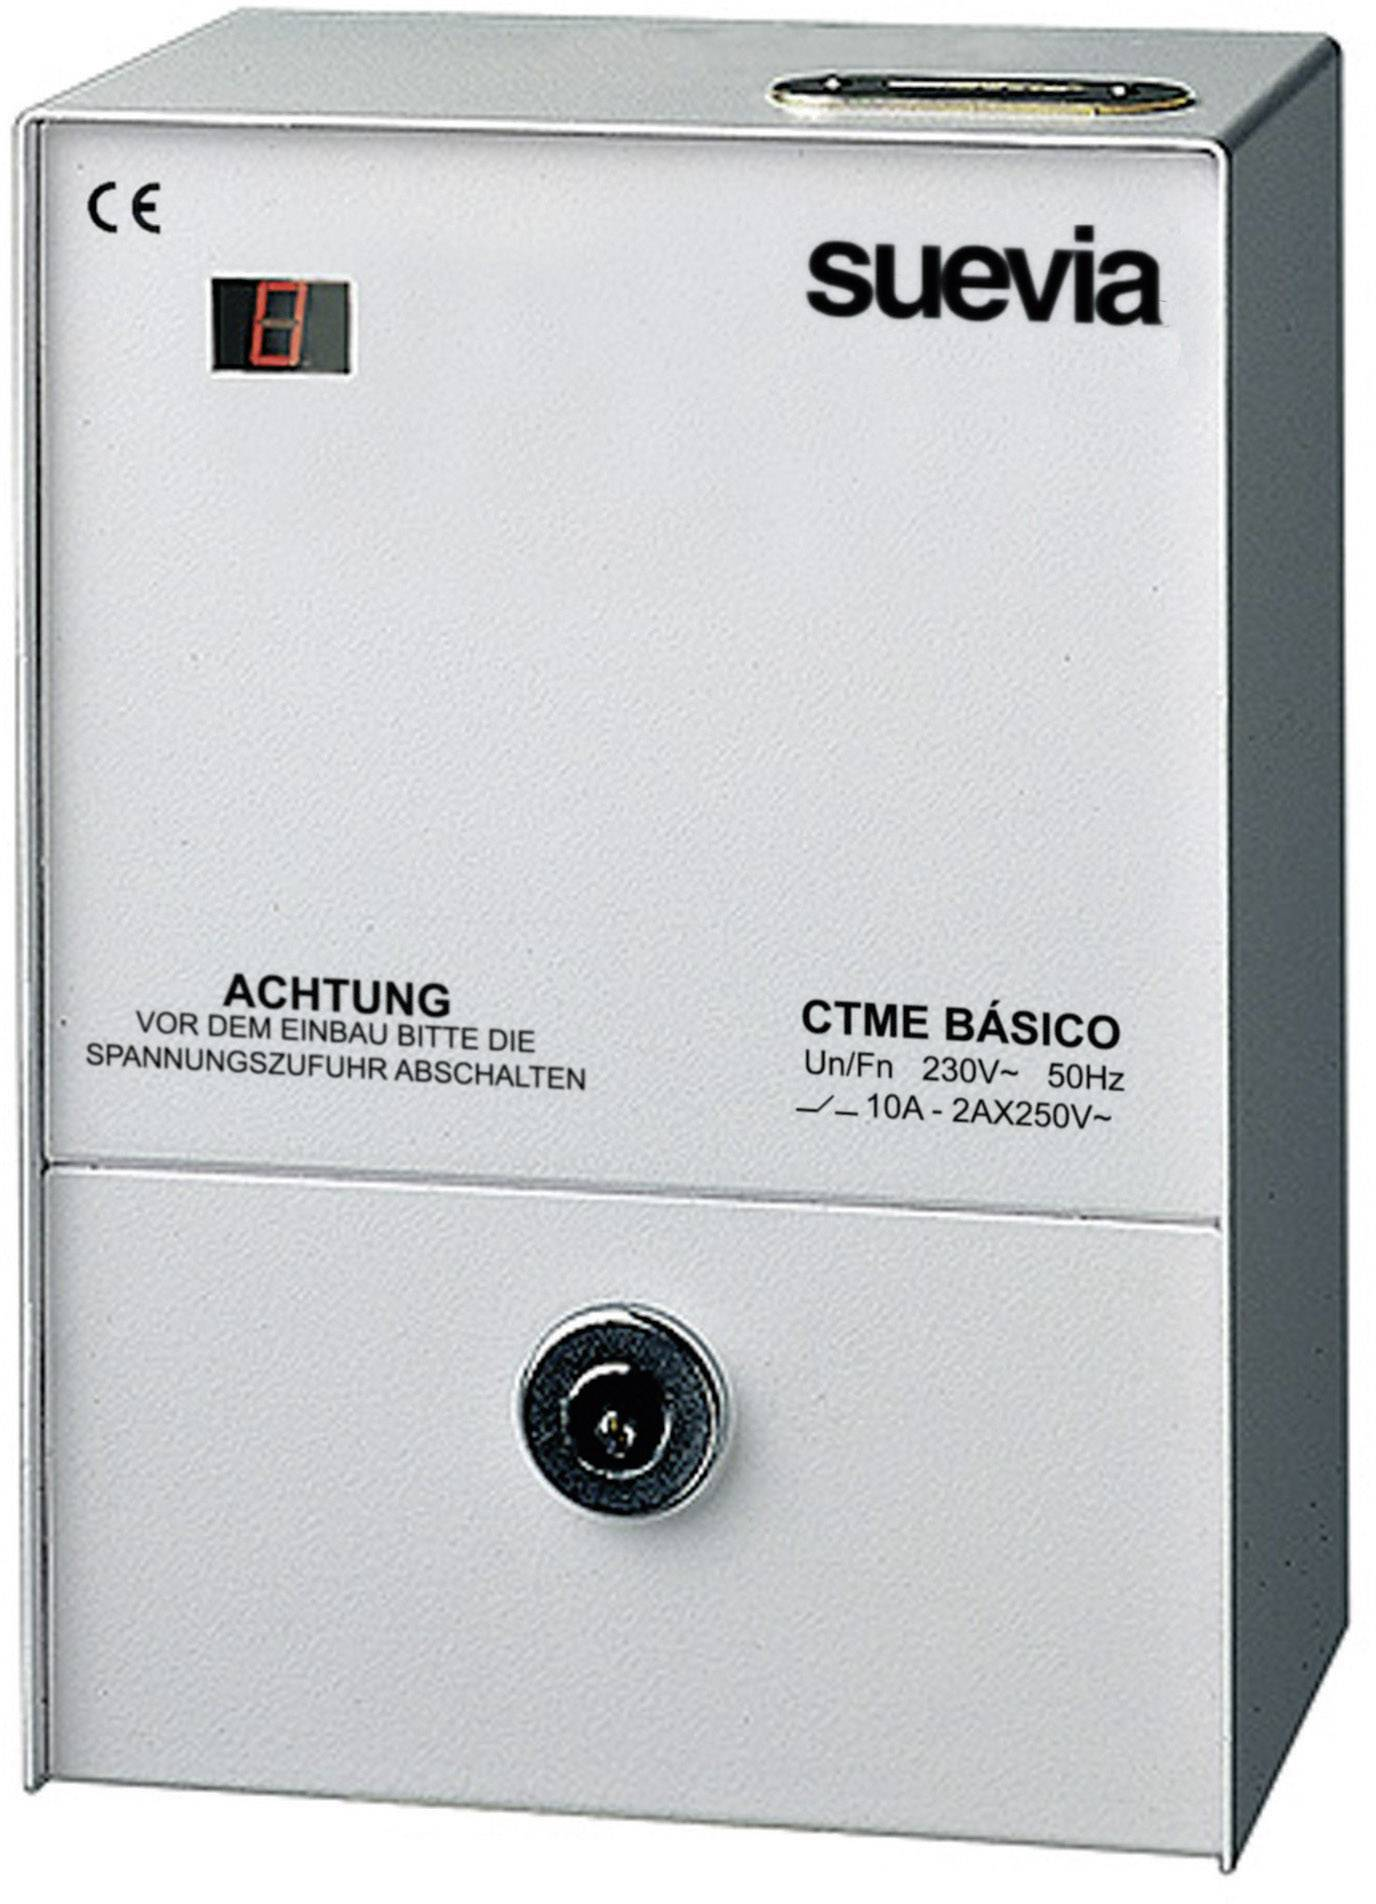 Mincovný automat digitálny Suevia CTME BASICO CTME Basic 2300 W, IP20